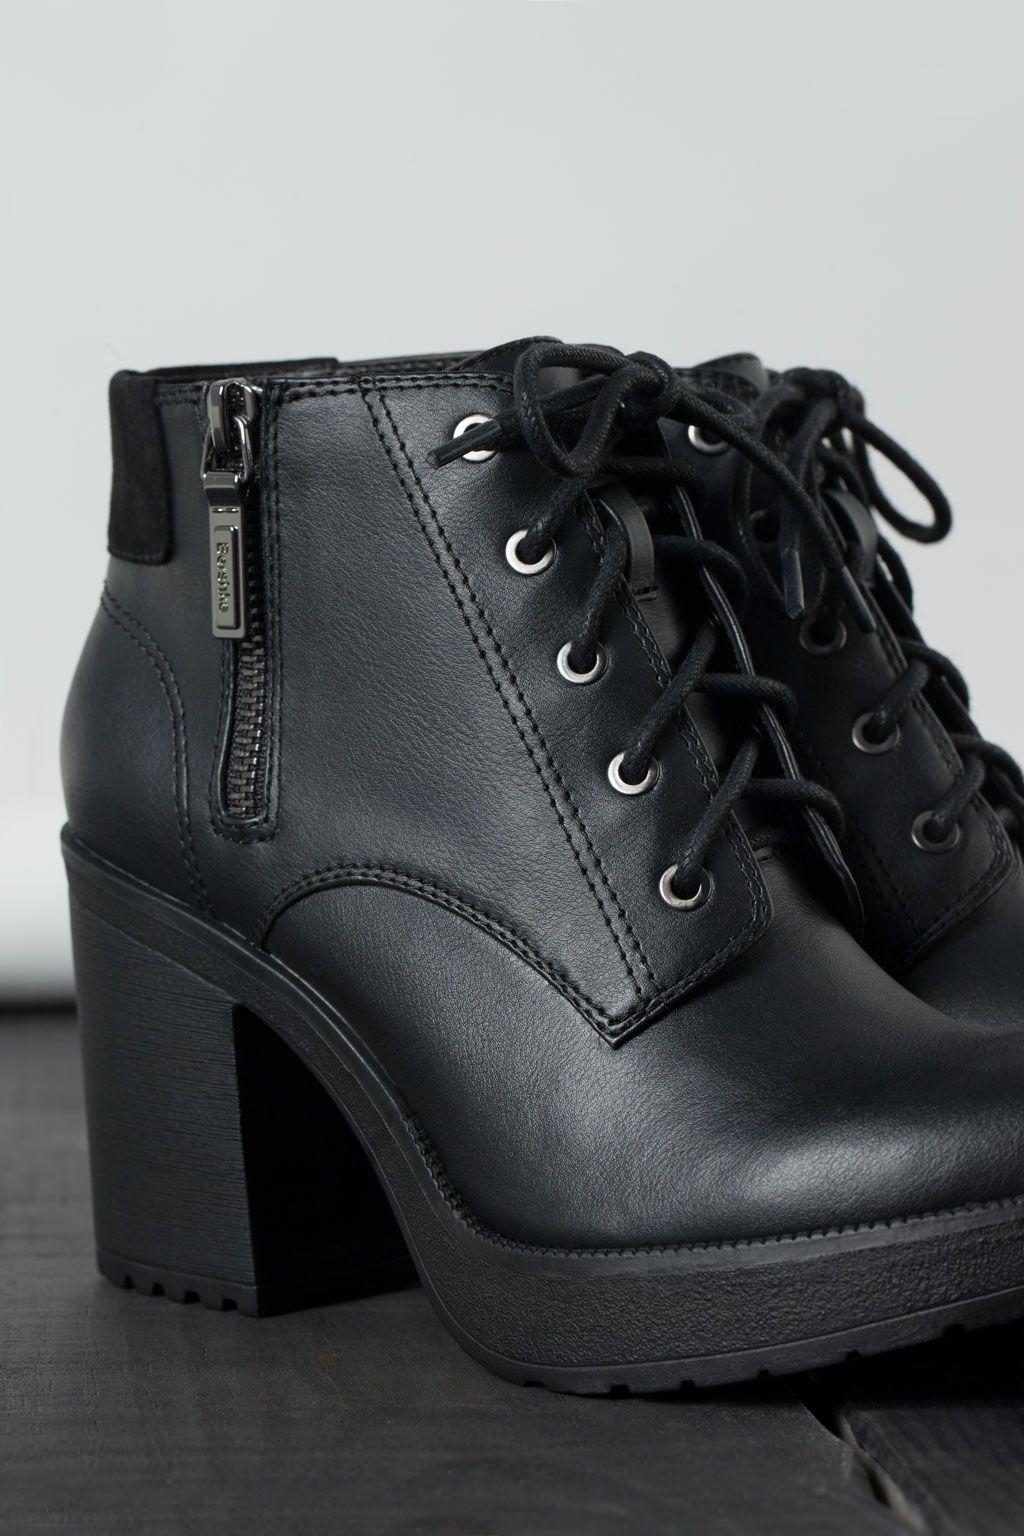 New Para Hombre Negro Marrón Sintética Funda de Piel Smart Casual Chunky Lace Up Brogue Zapatos Reino Unido Tamaño, Color Marrón, Talla 44